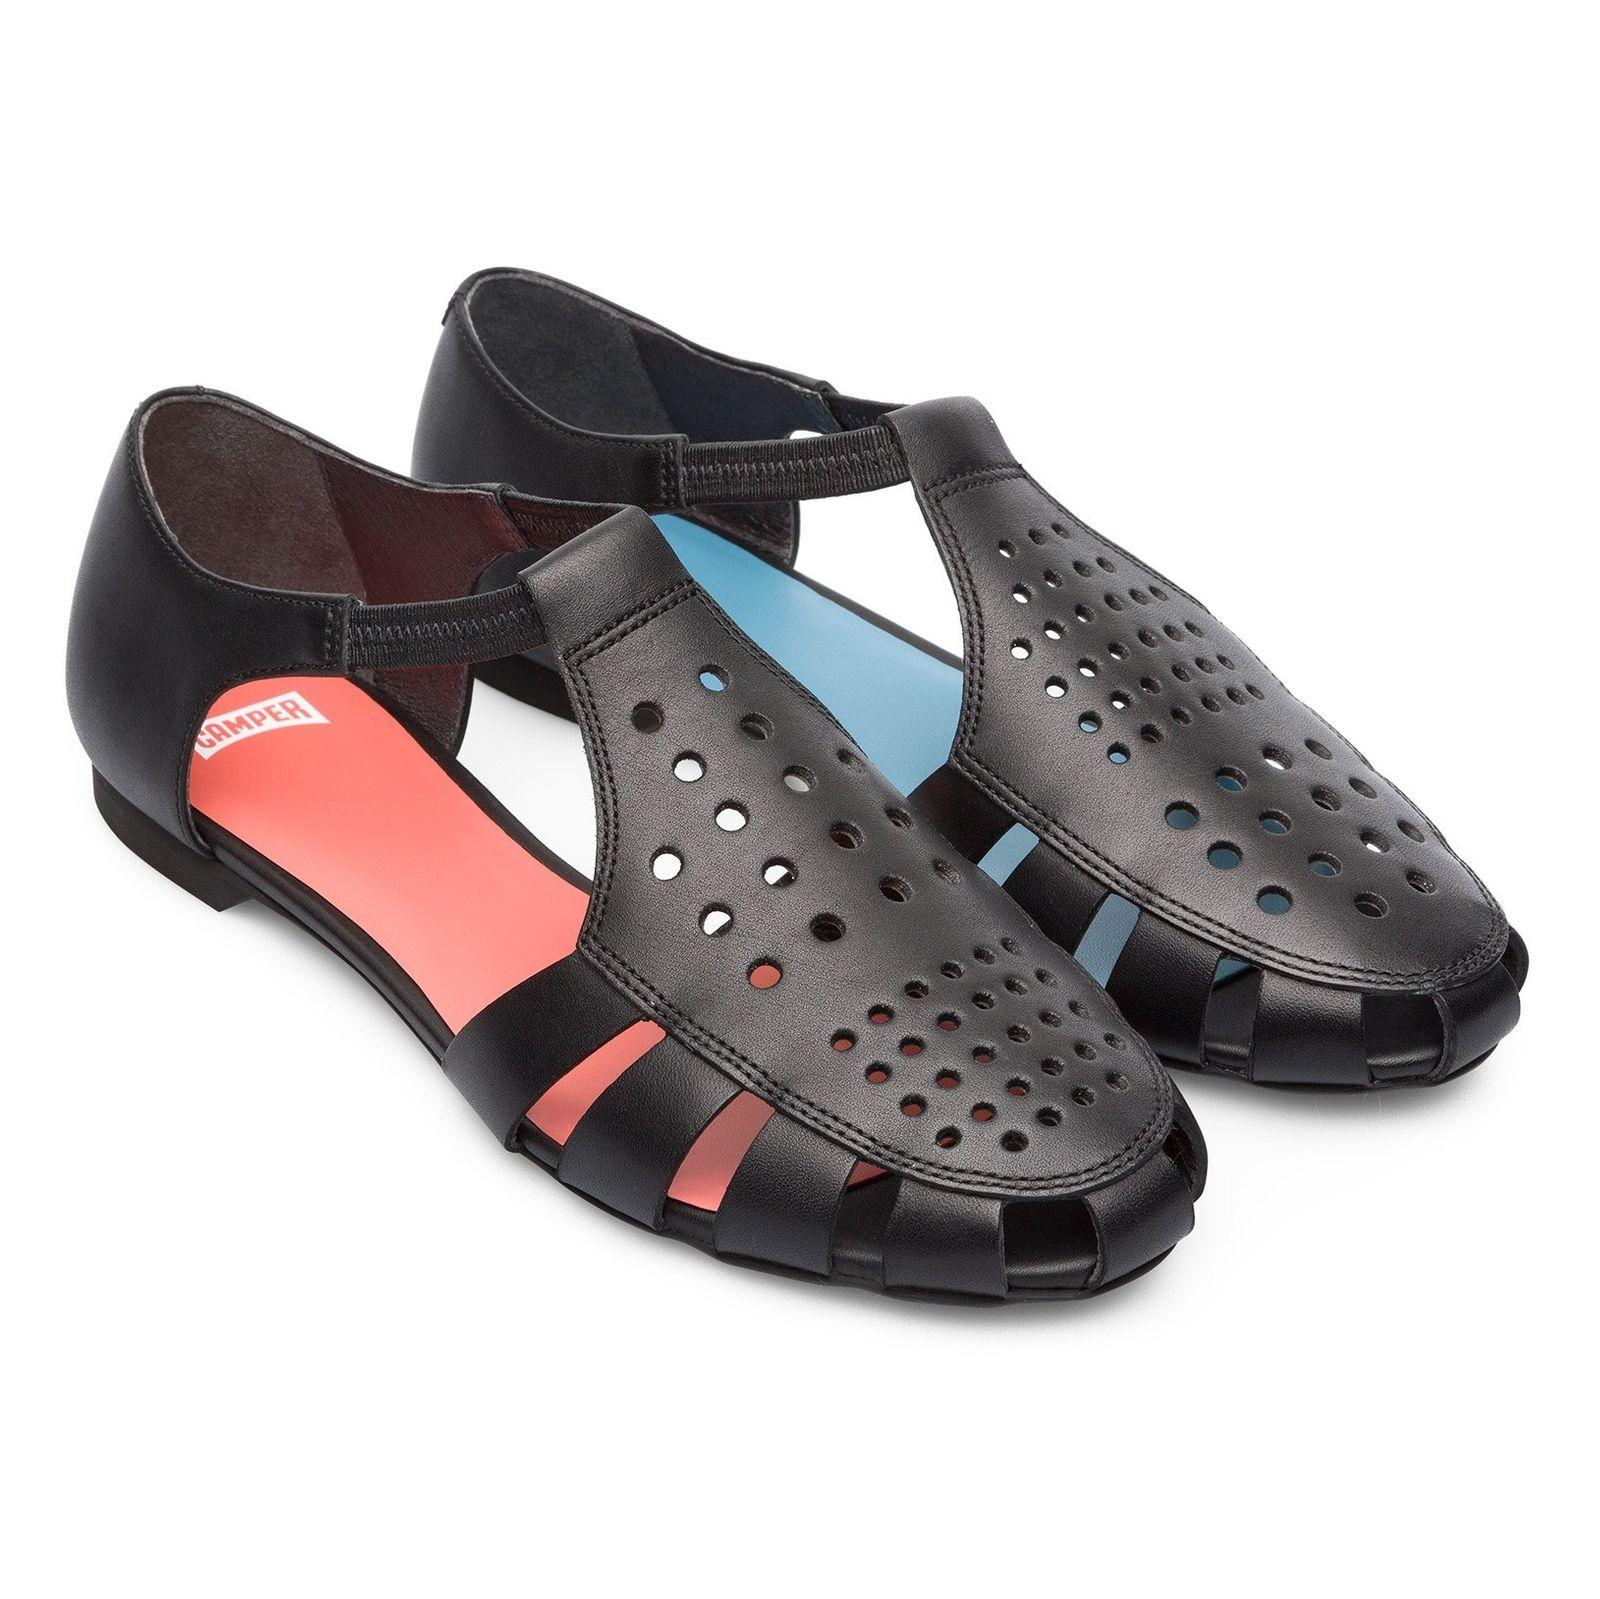 کفش چرم تخت زنانه Servolux - کمپر - مشکي - 5